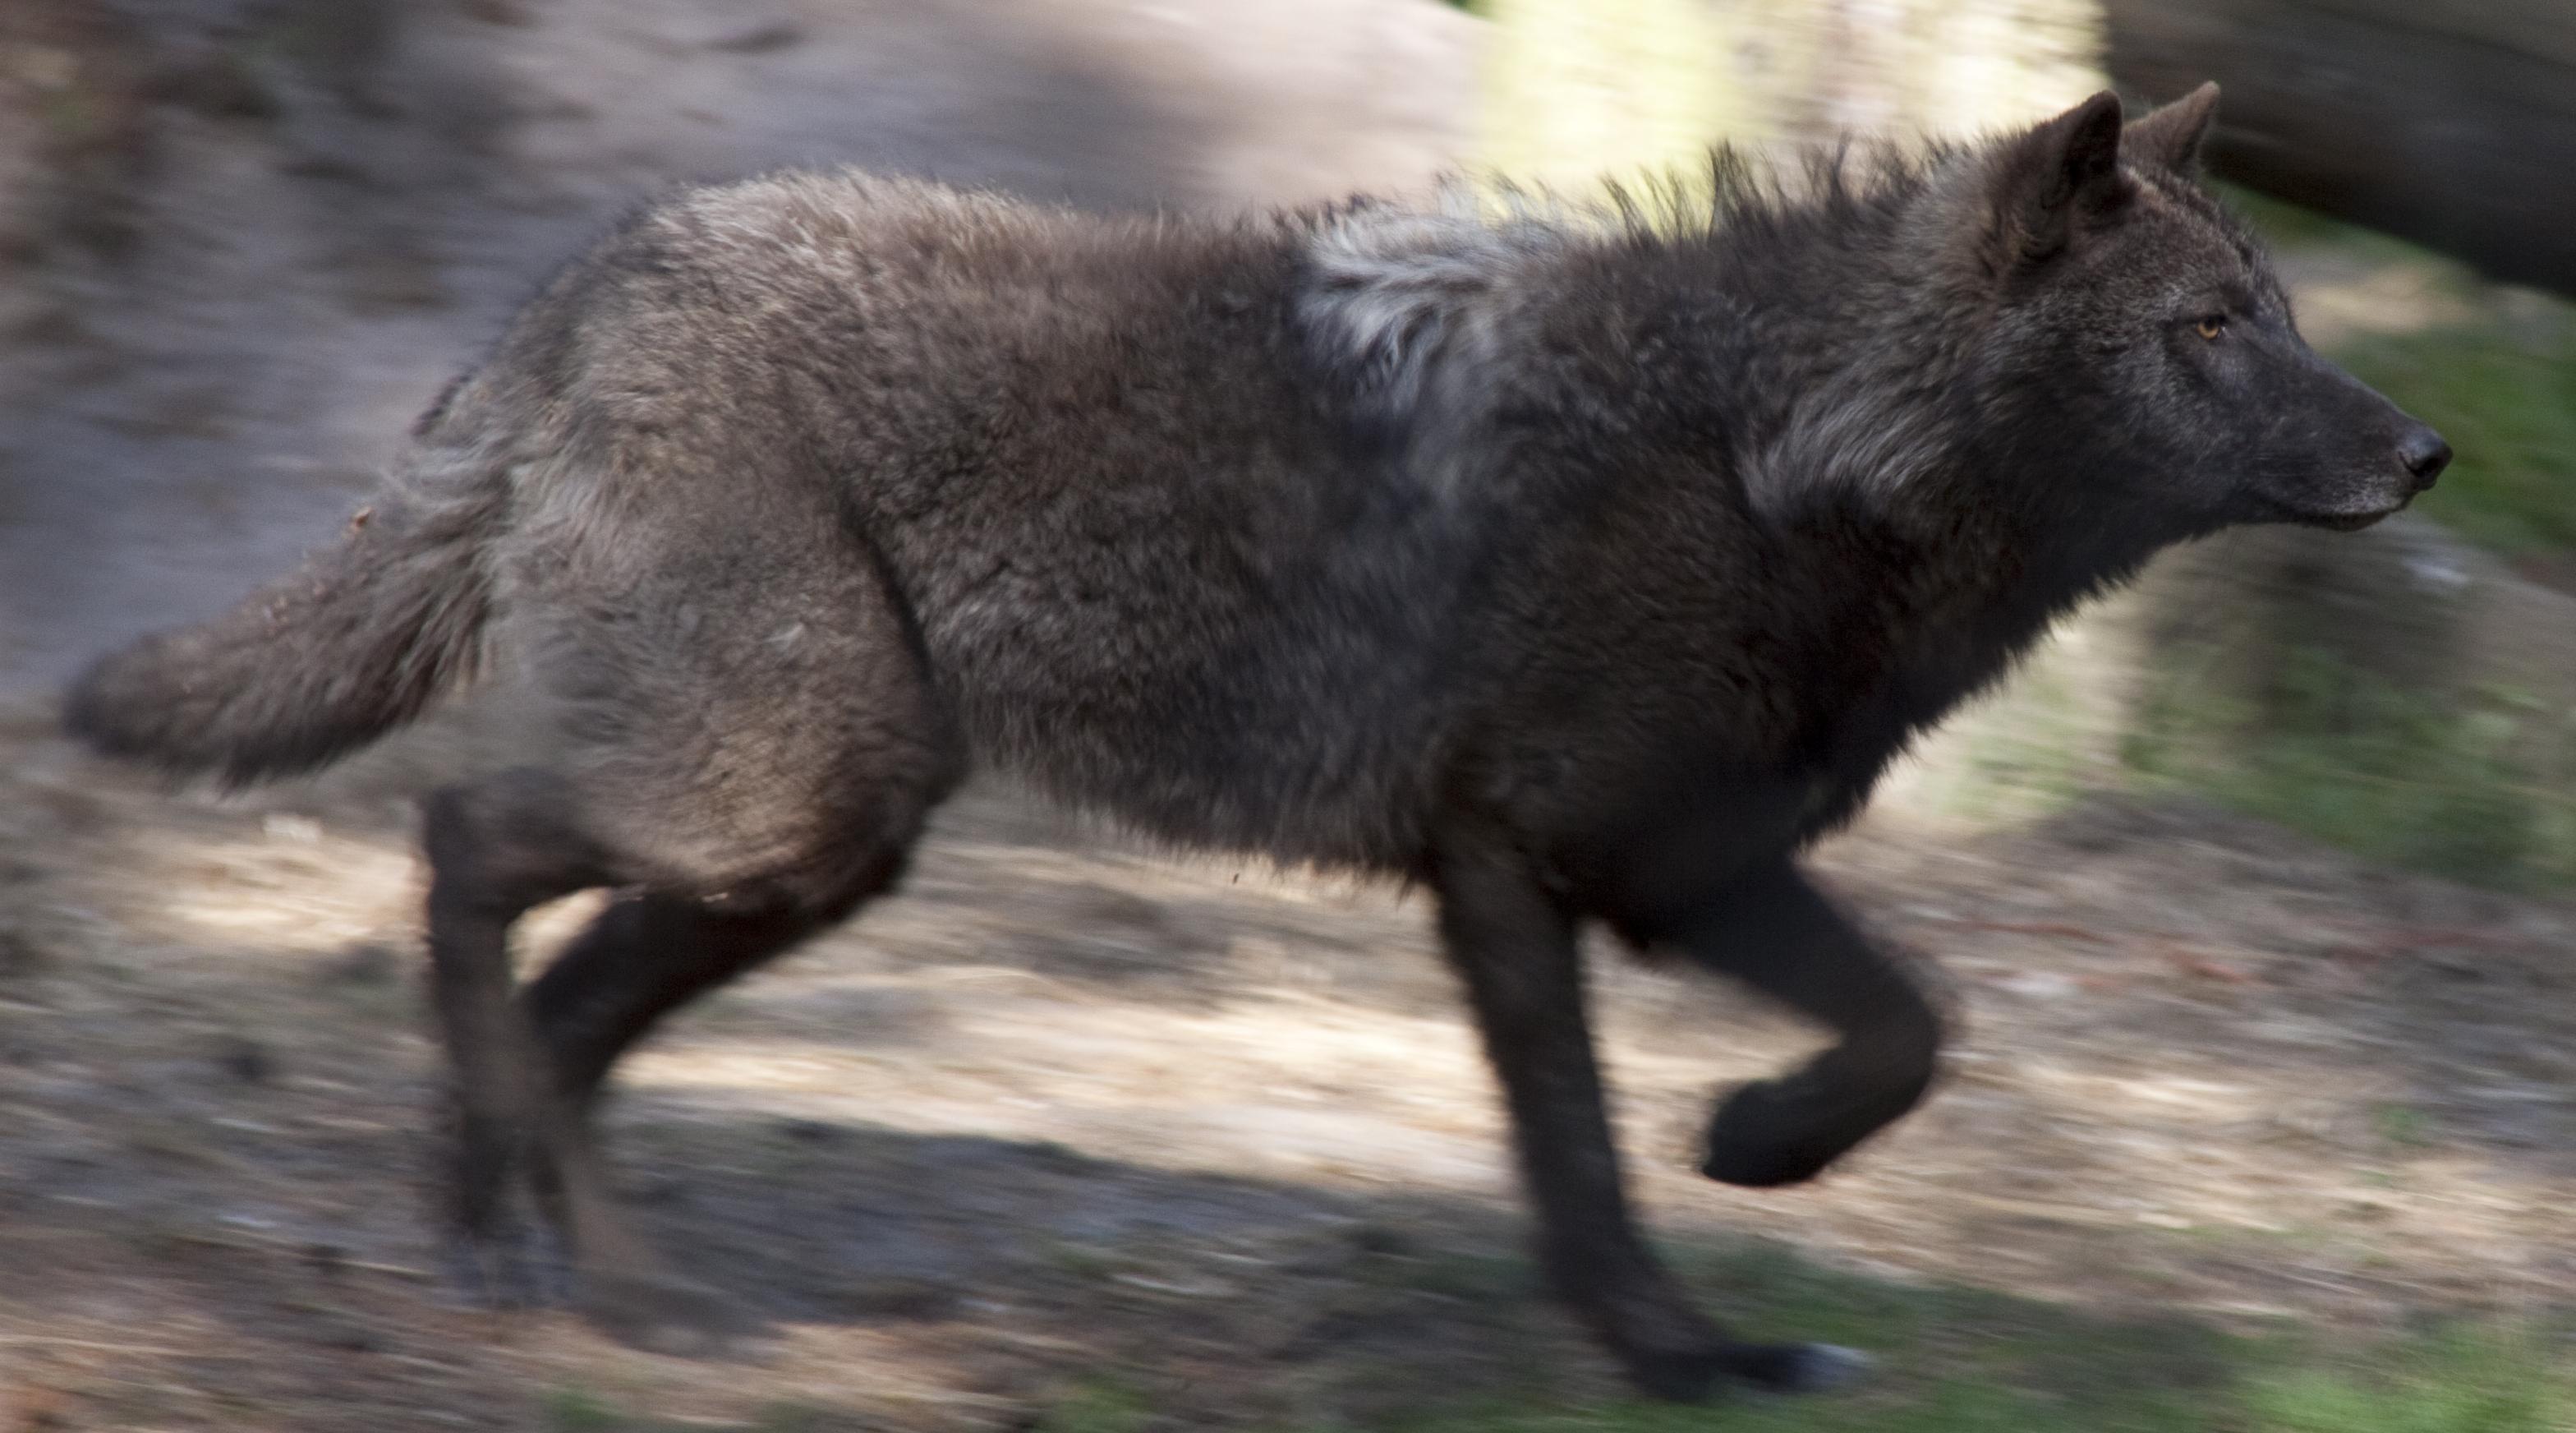 filerunning wolf 2 5696466615jpg